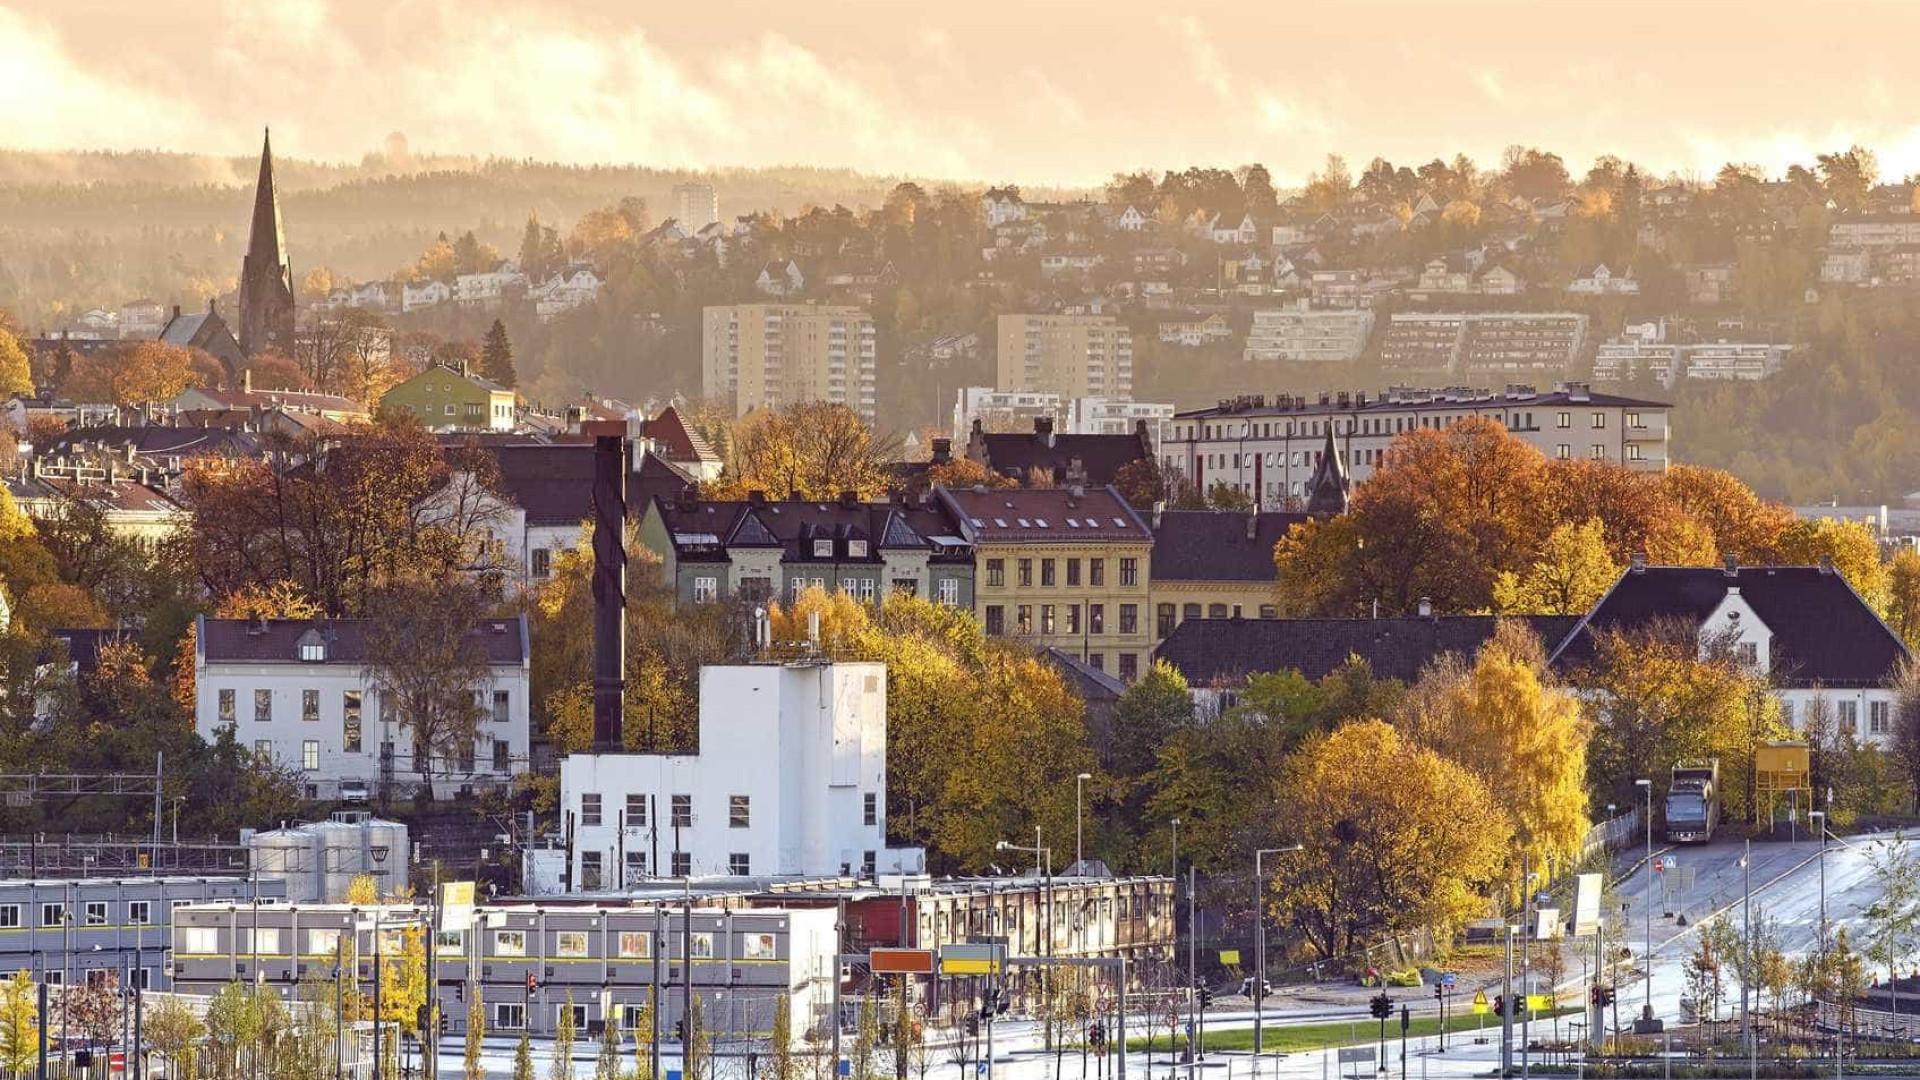 Noruega já começou a encerrar sinal por rádio